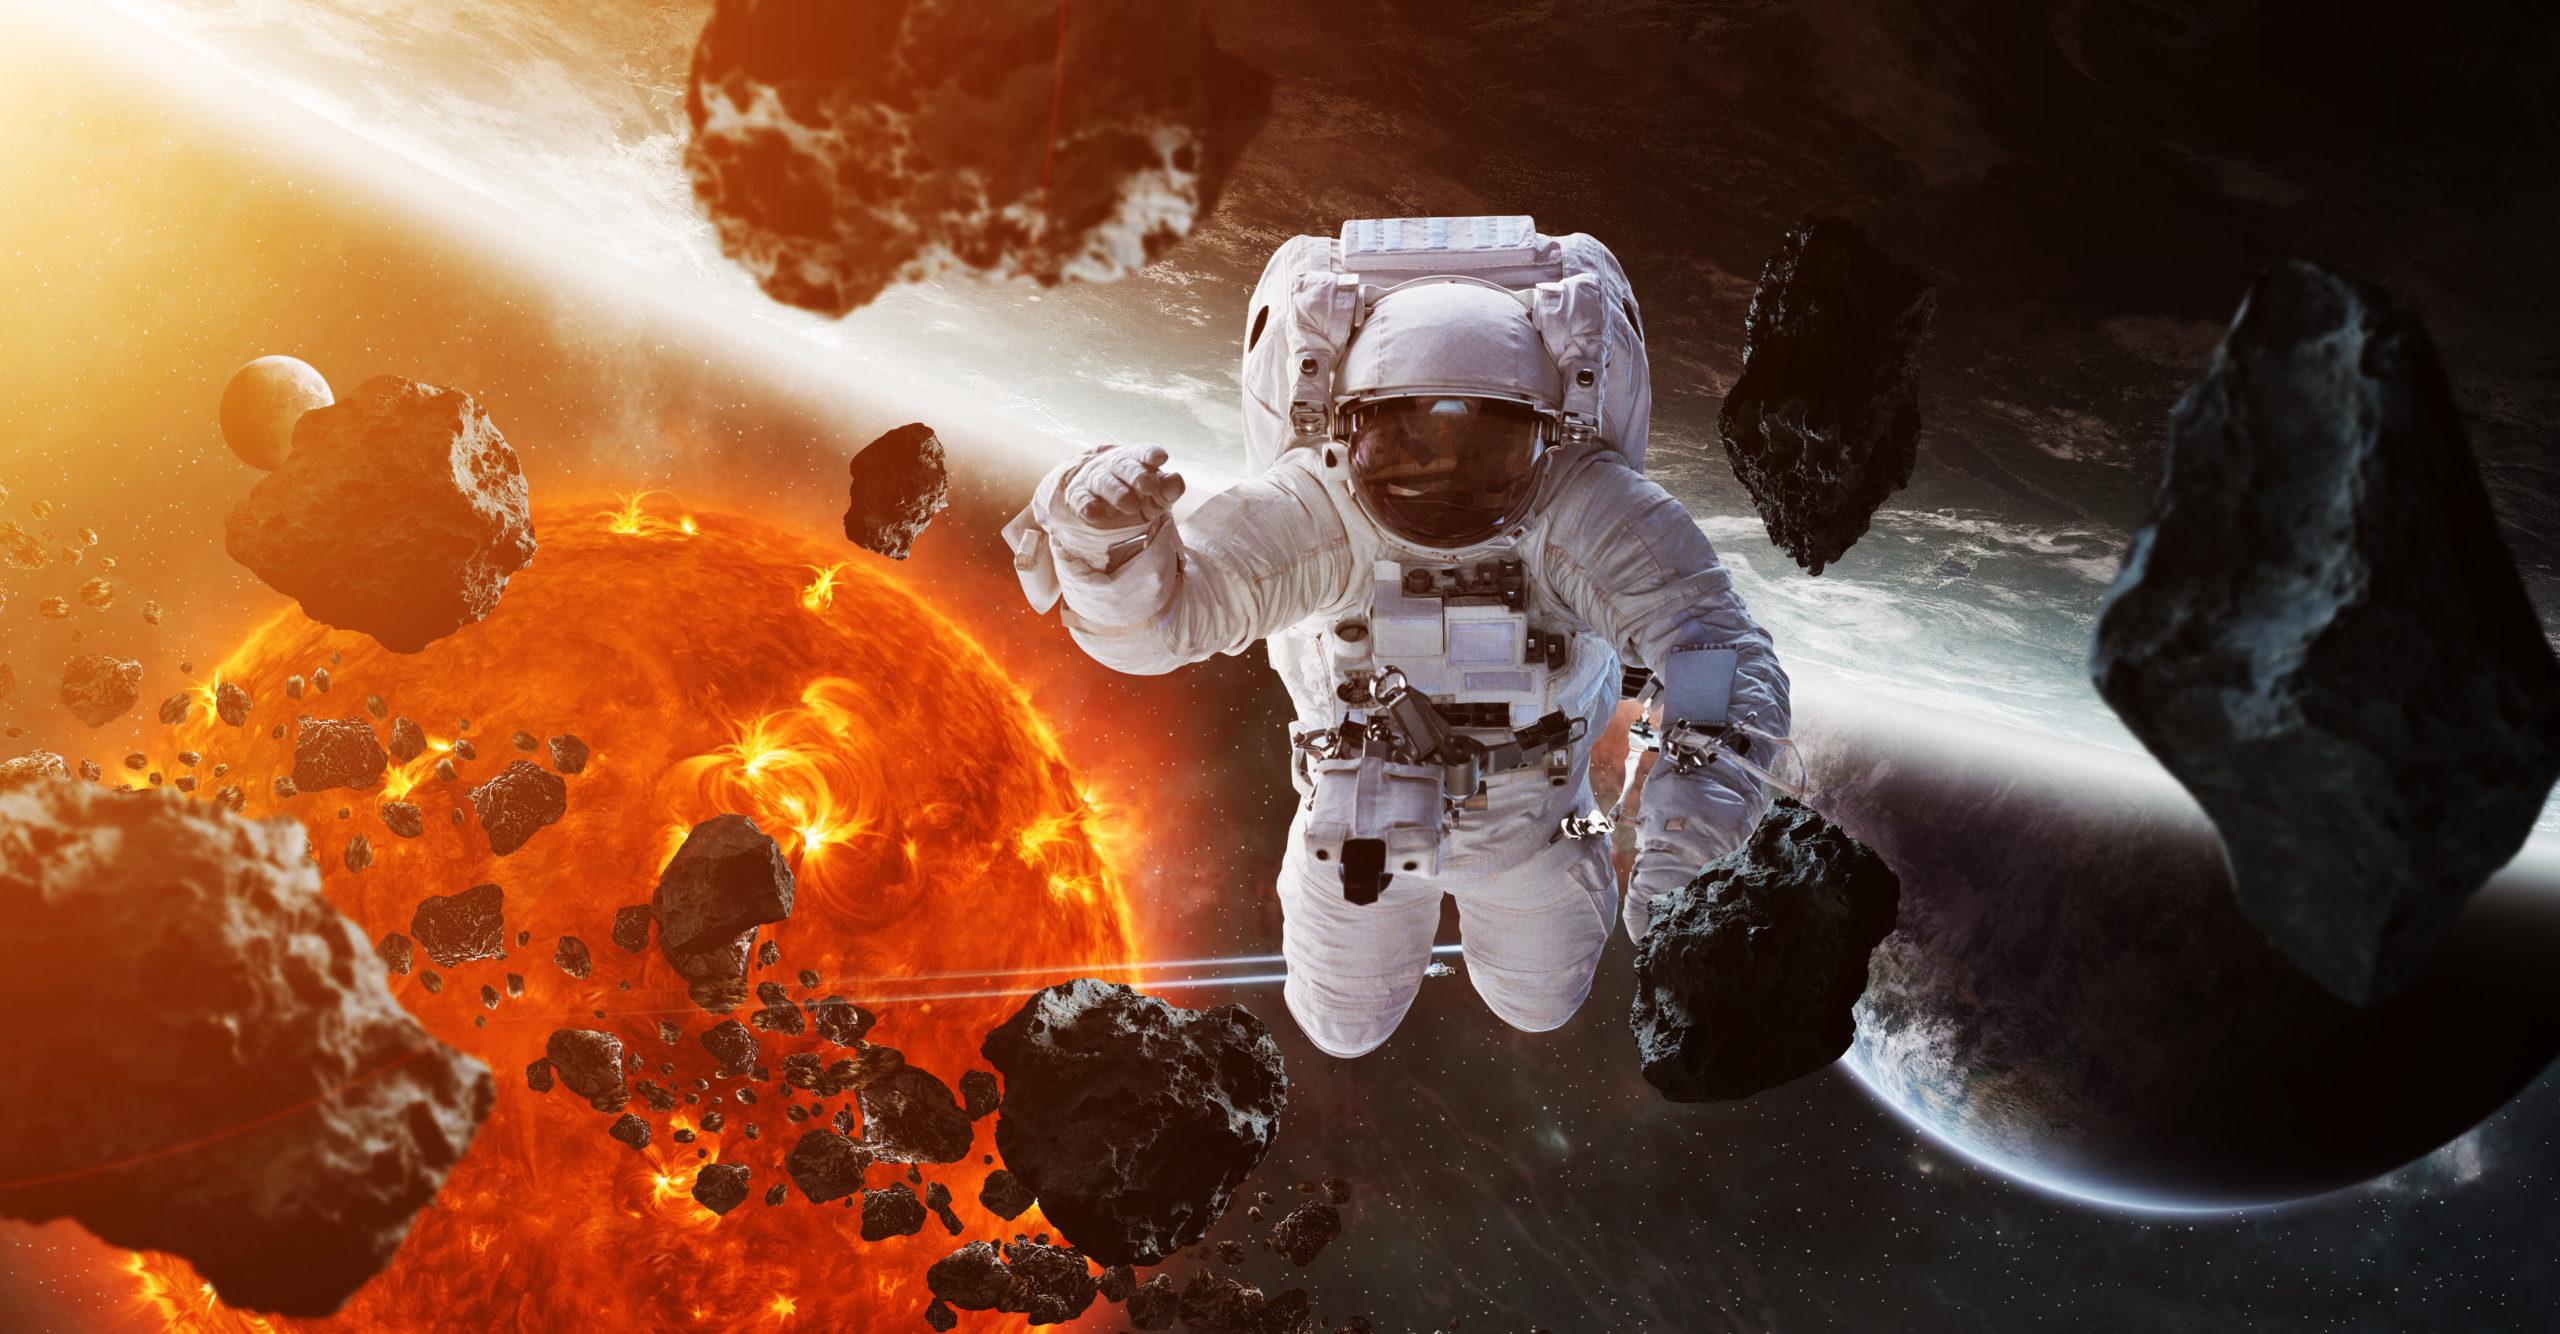 L'existence d'exoplanètes, soit hors de notre système solaire, induit-elle forcément l'existence de vies extraterrestres? Crédit photo: Sebastien Decoret/ 123Rf